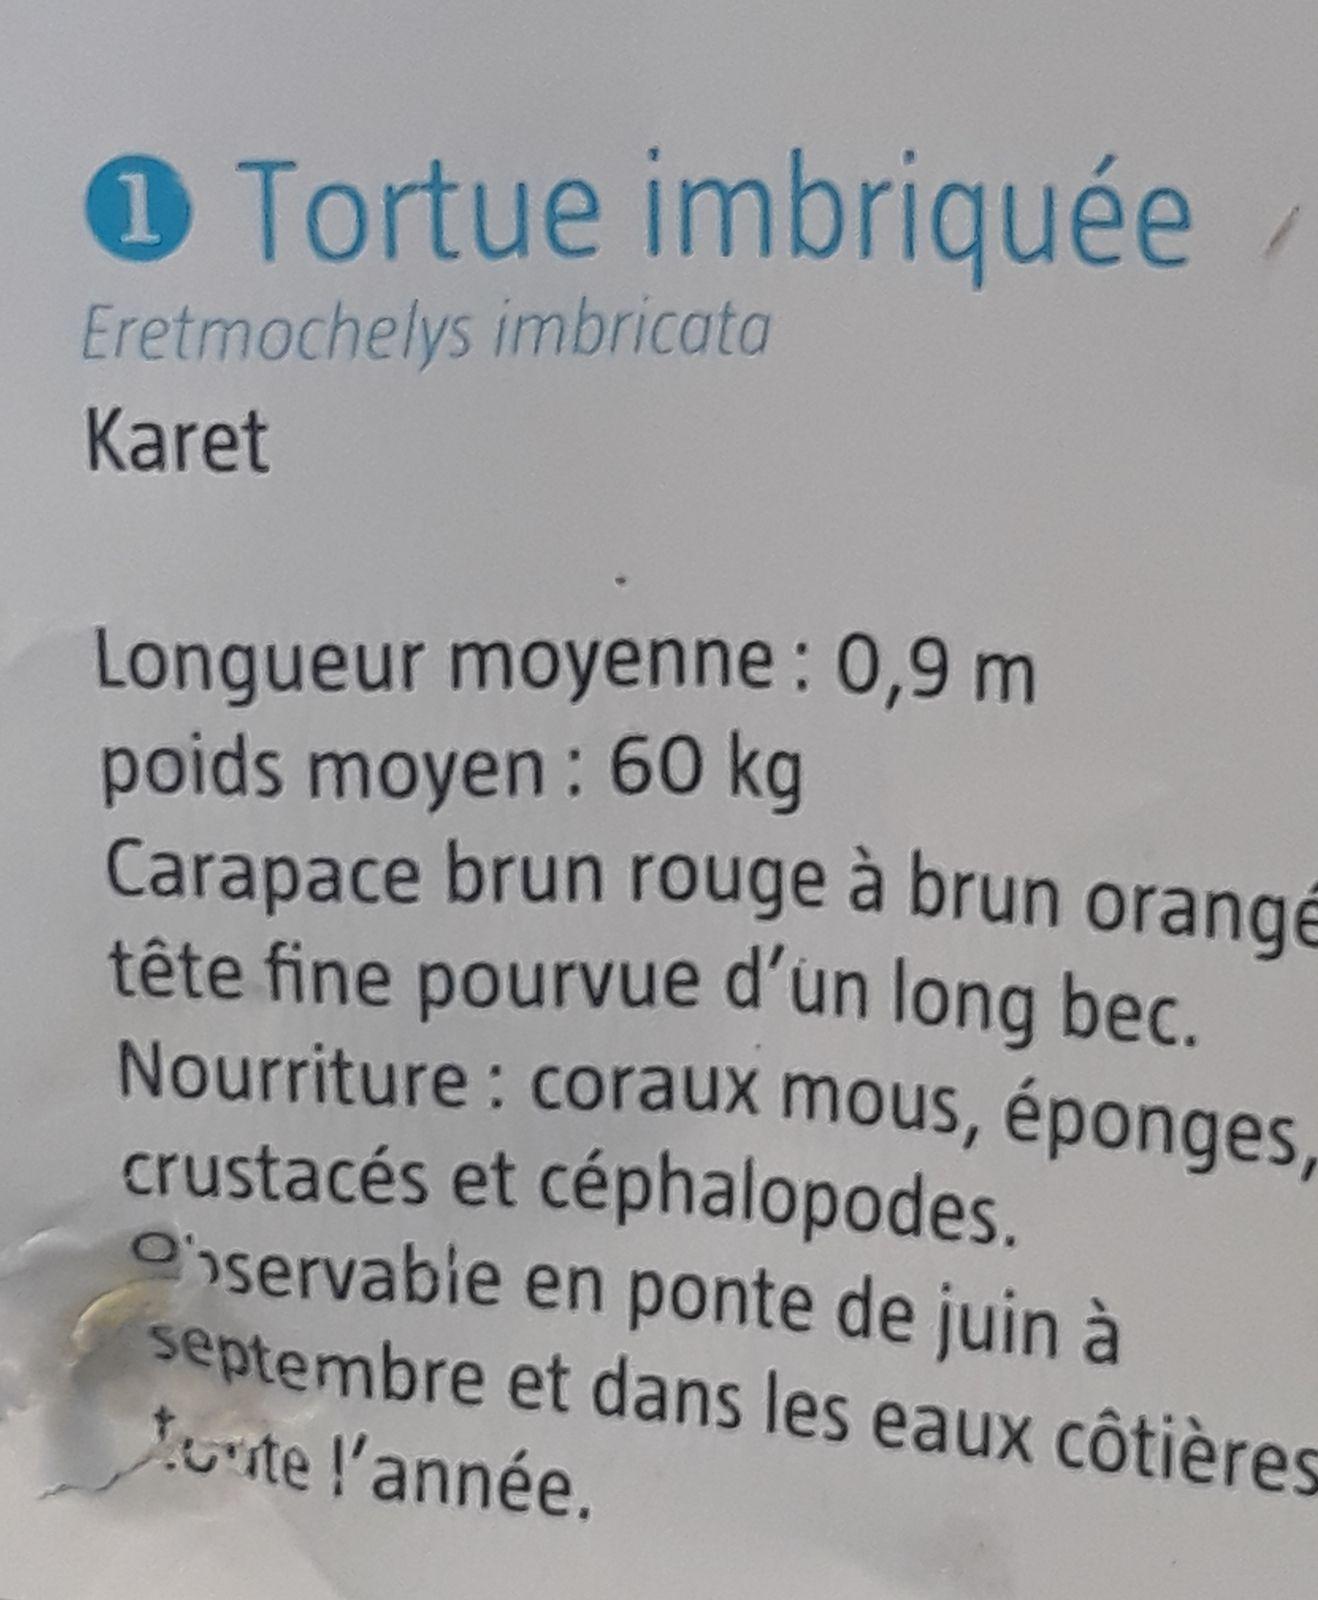 NOTRE AME: tortues vertes et plongée en bassine !